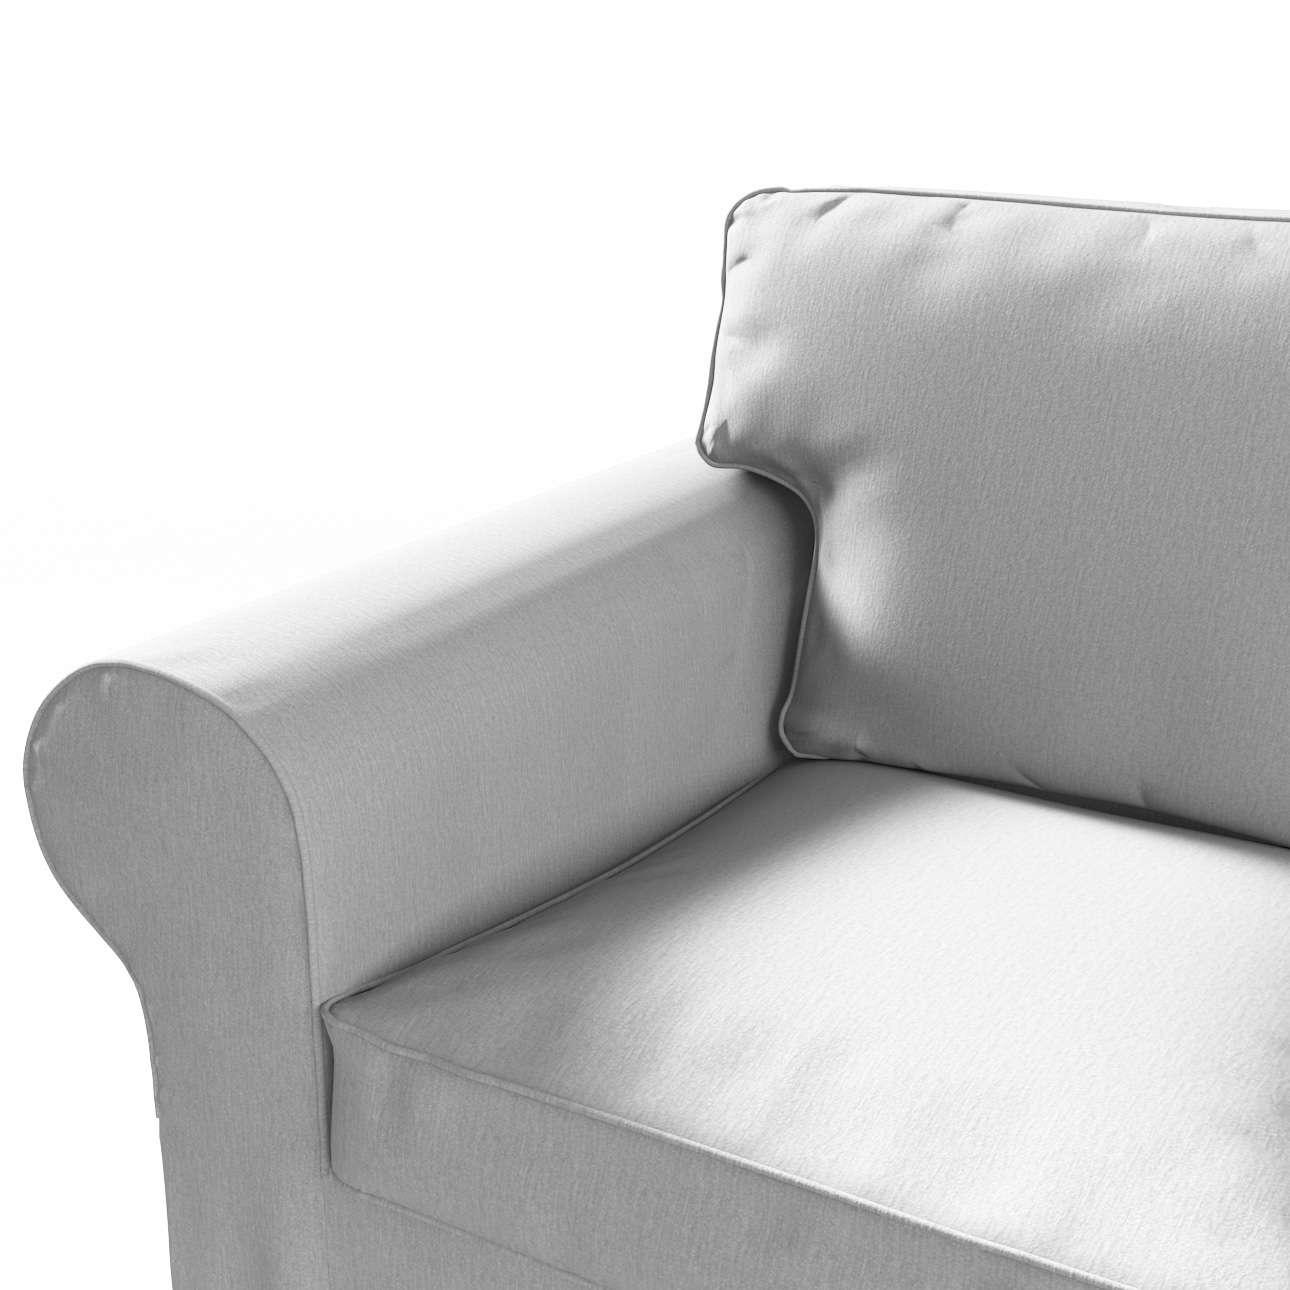 Ektorp trivietės sofos-lovos užvalkalas Ektorp trivietė sofa-lova kolekcijoje Chenille, audinys: 702-23